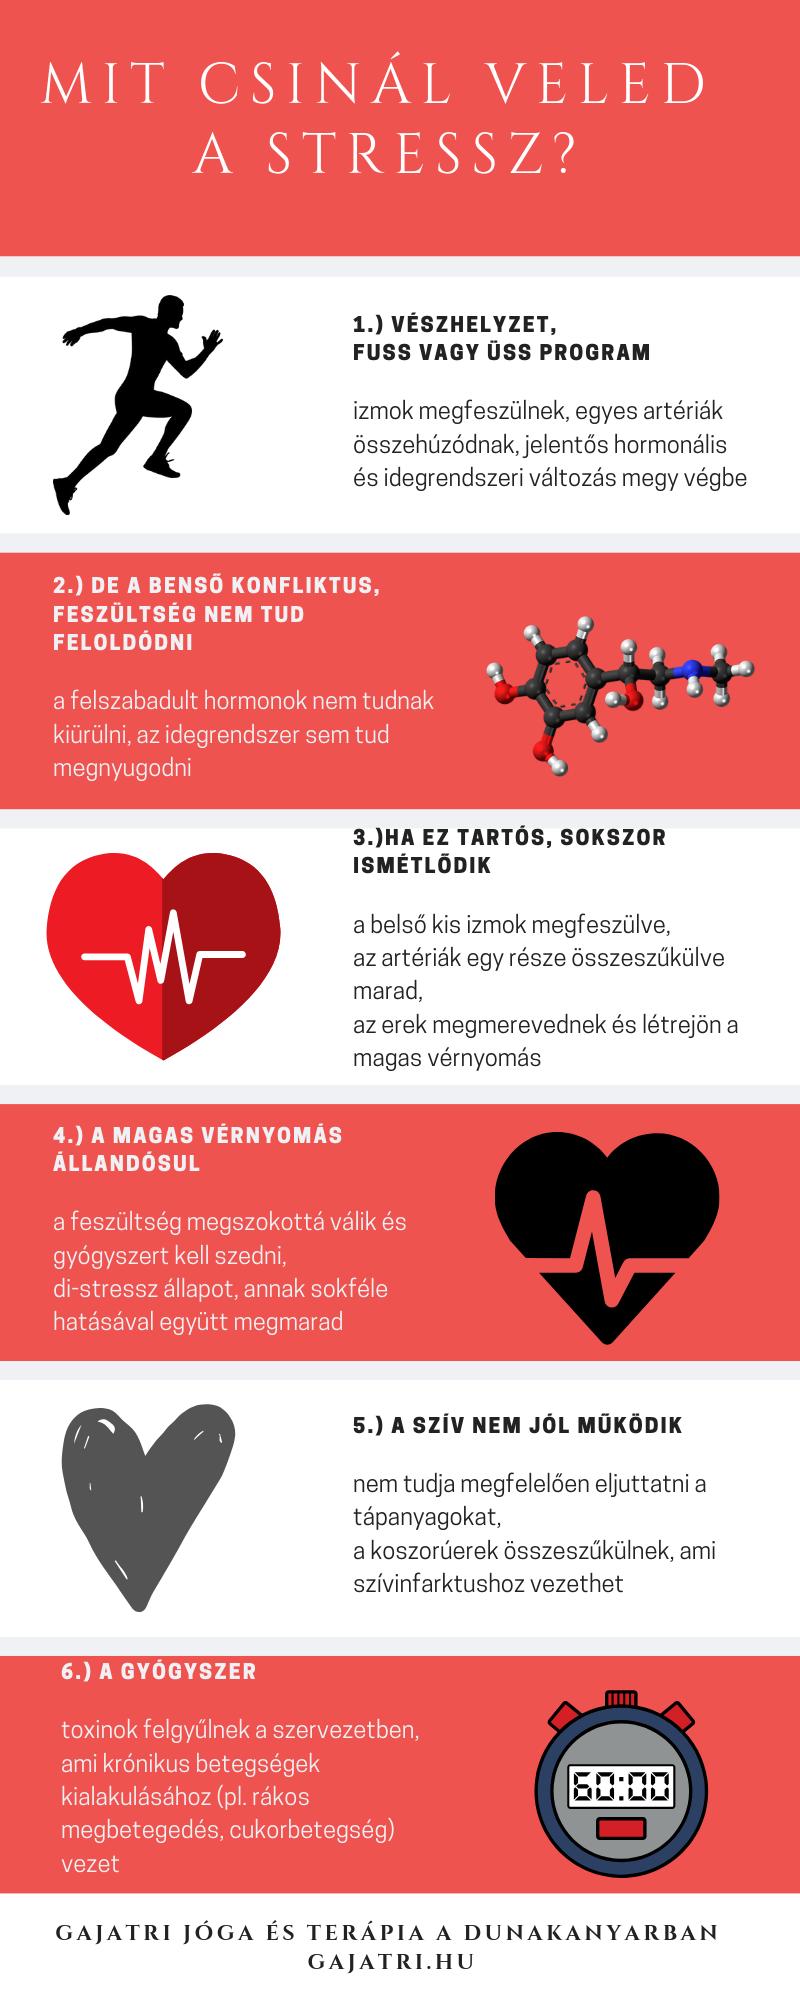 a magas vérnyomás összeomlása pontok a testen a magas vérnyomástól